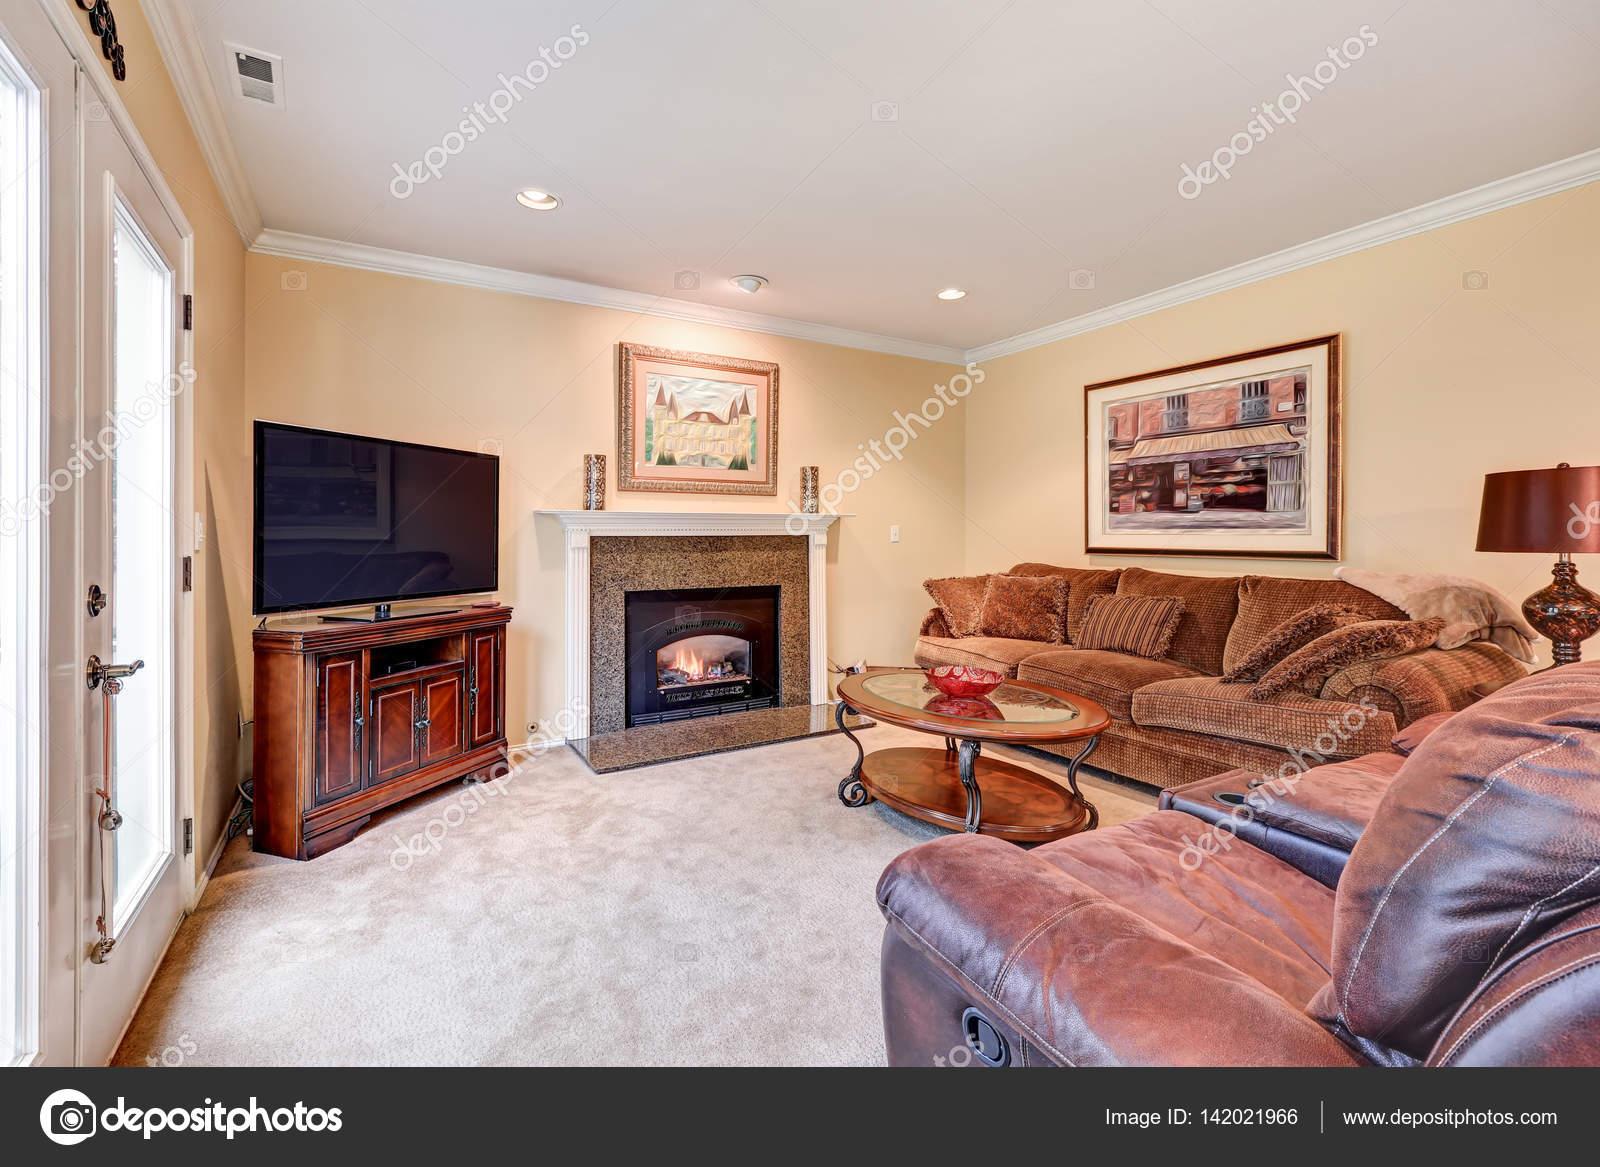 Habitaci n interior en tonos marr n y beiges foto de stock iriana88w 142021966 - Habitacion marron ...